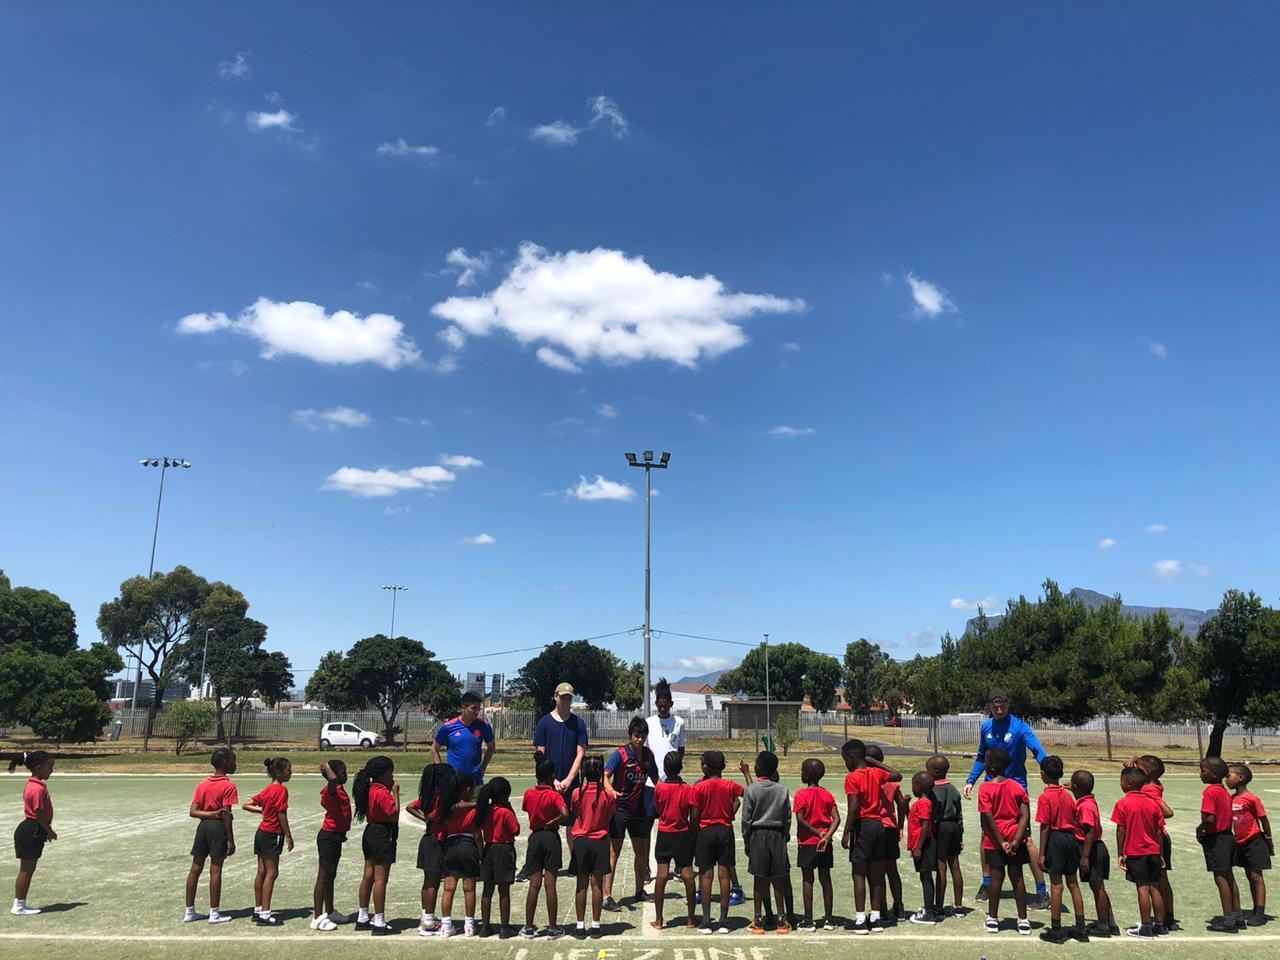 Volunteering – Fußballtraining unter der südafrikanischen Sonne